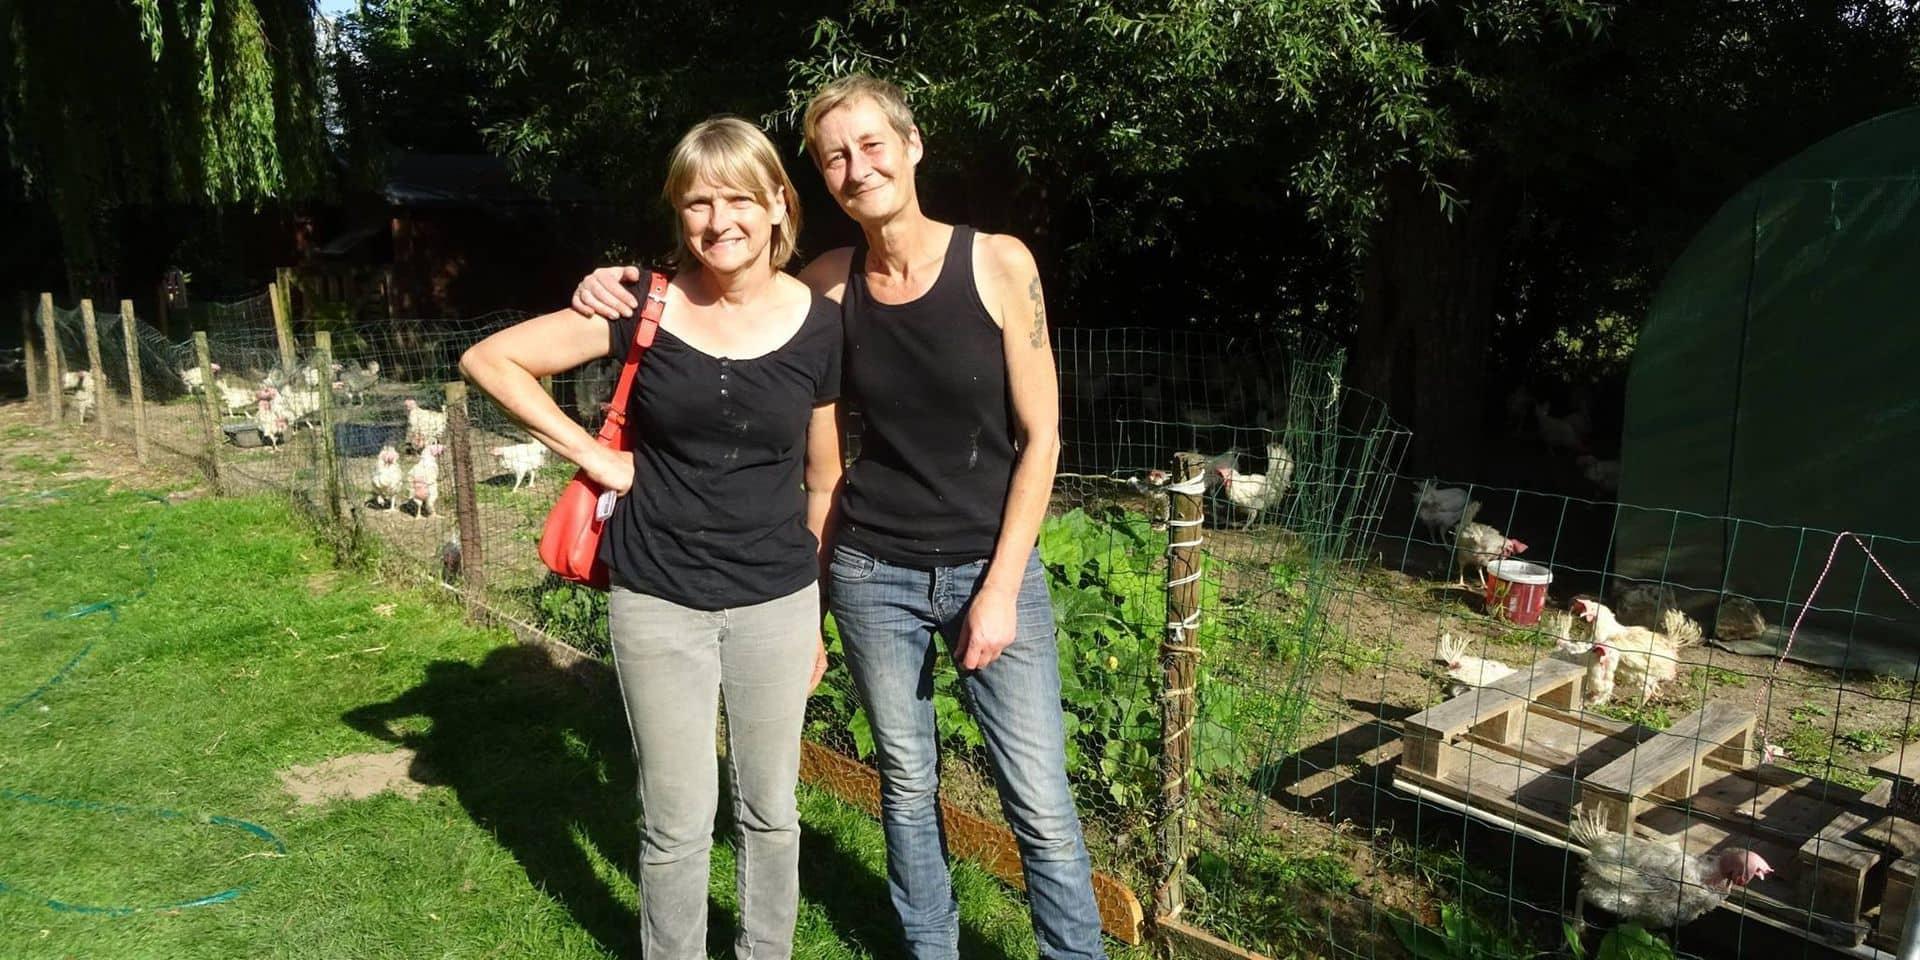 Solange t'Kint, la sauveuse de poules : elle a déjà évité l'abattoir à 200.000 volatiles !